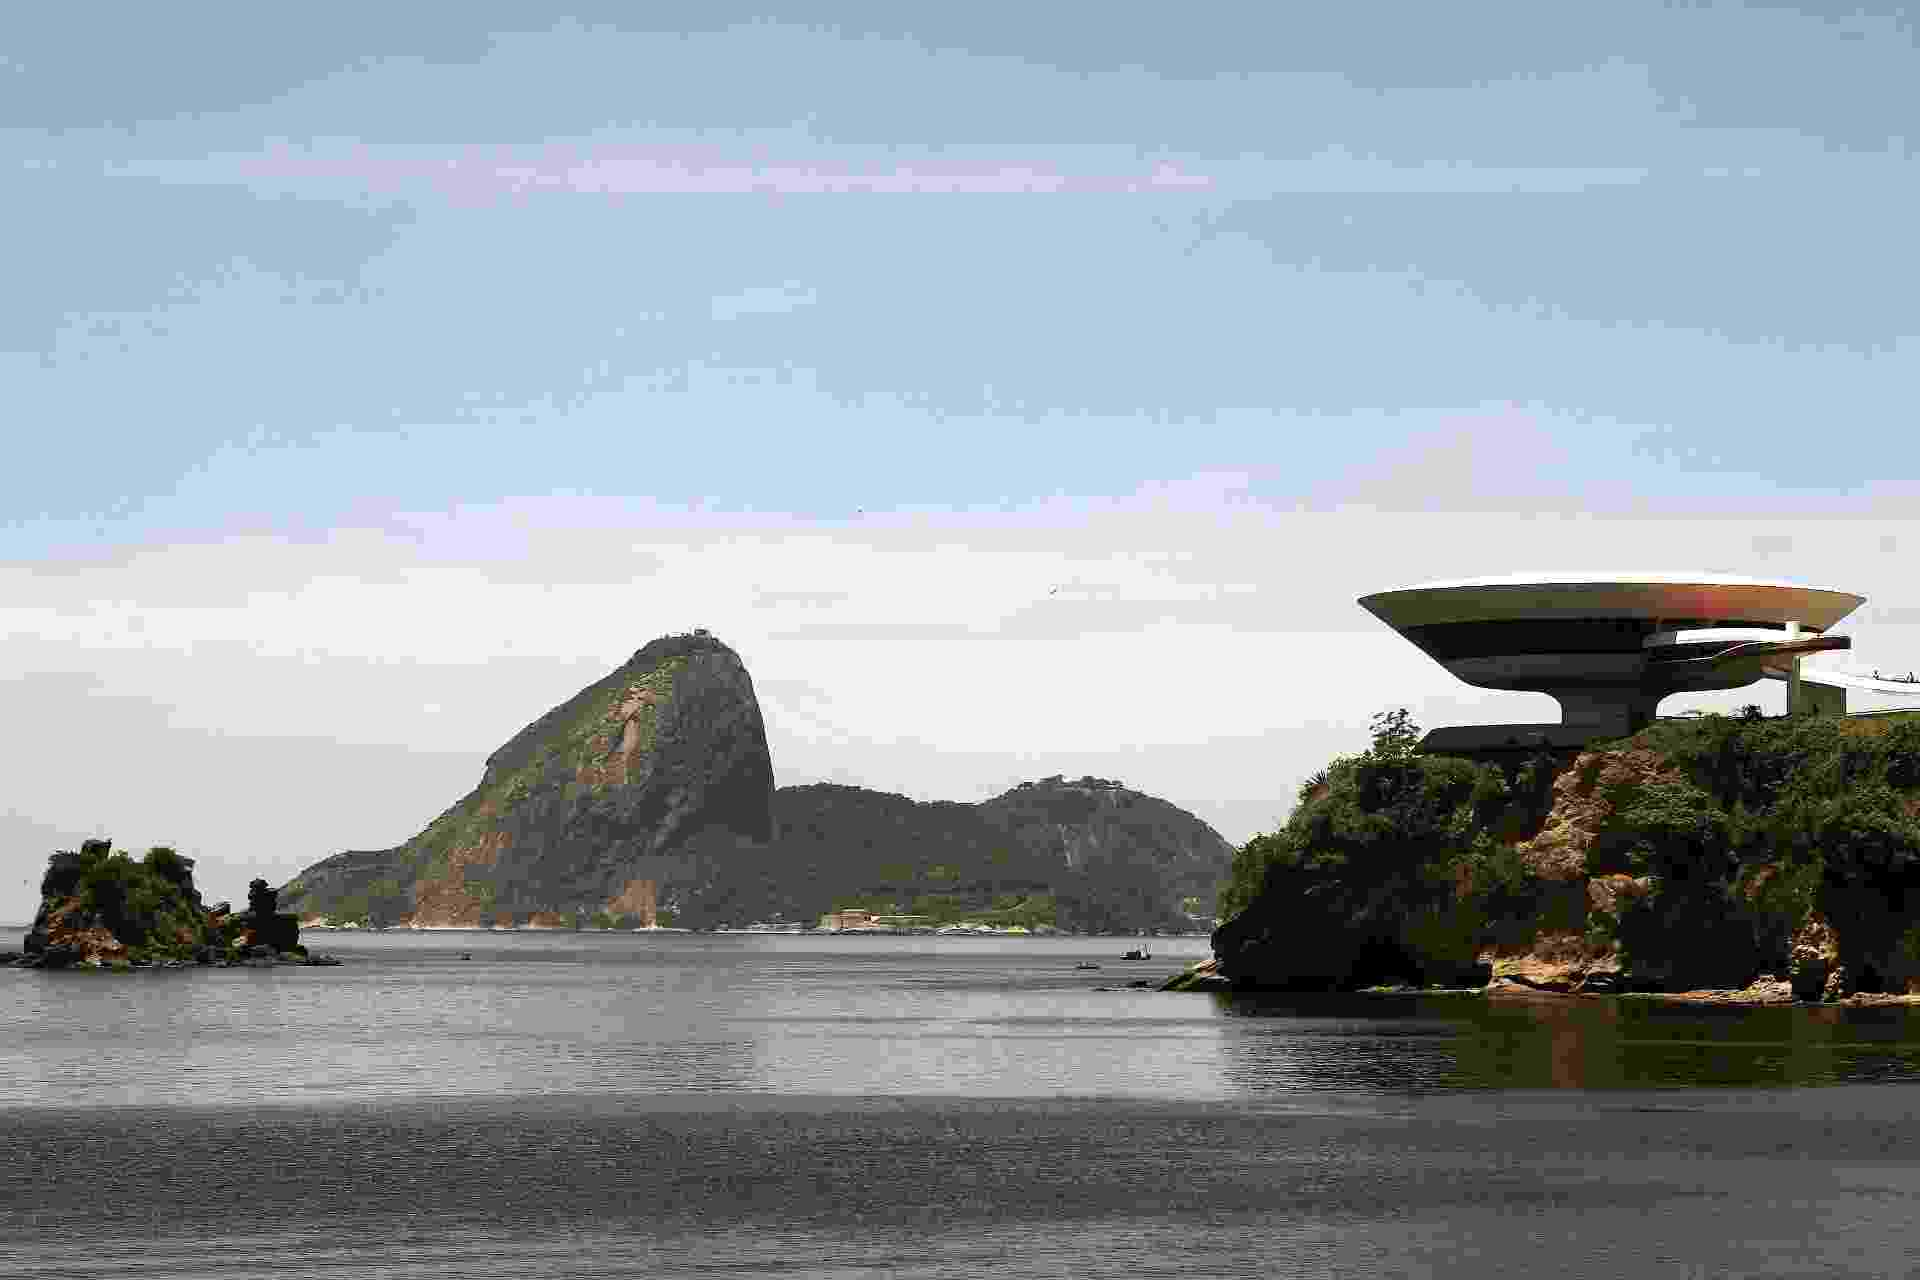 4.mai.2012 - Concebido em 1991, o Museu de Arte Contemporânea (MAC) de Niterói (RJ) foi inaugurado em 1996, com uma vista panorâmica para o Rio de Janeiro - Marcelo Sayão/EFE